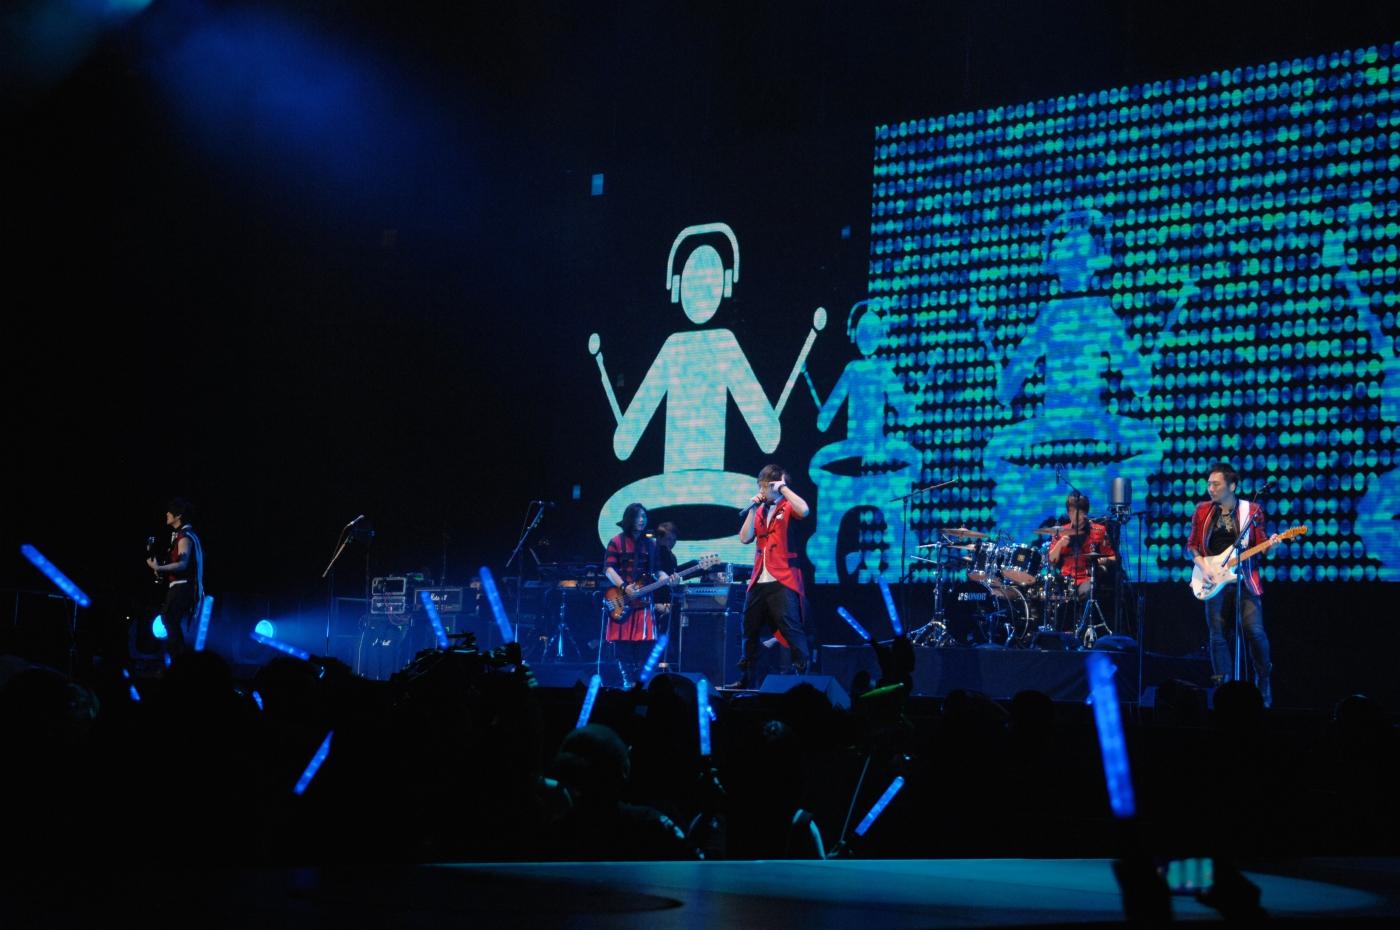 圖博-五月天今晚創造歷史, 引爆麥迪遜花園廣場Madison Square Garden-一萬多歌迷共同 ..._图1-10